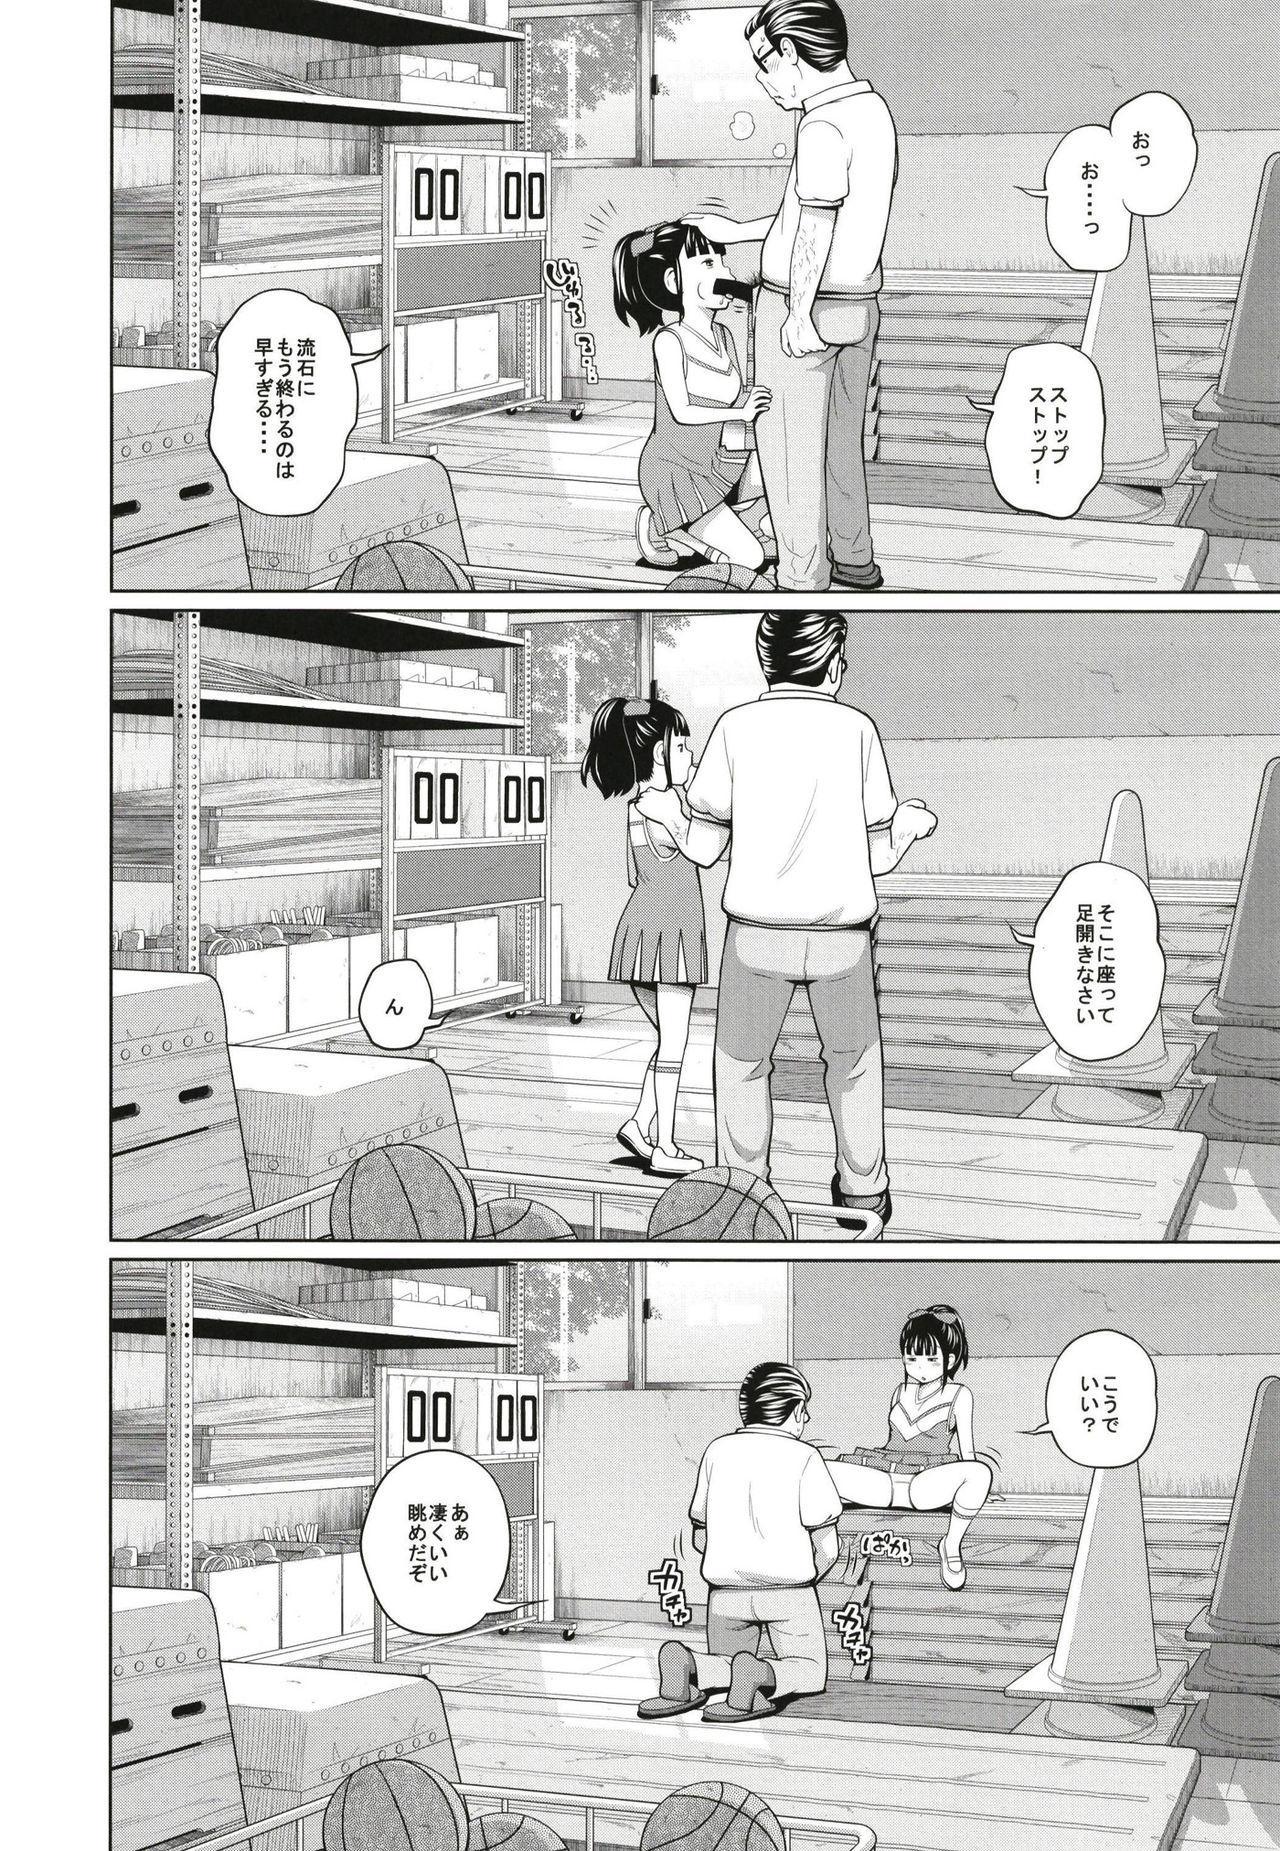 Kono Naka ni Kinshin Soukan Shiteiru Musume ga 3-nin Imasu #3 5